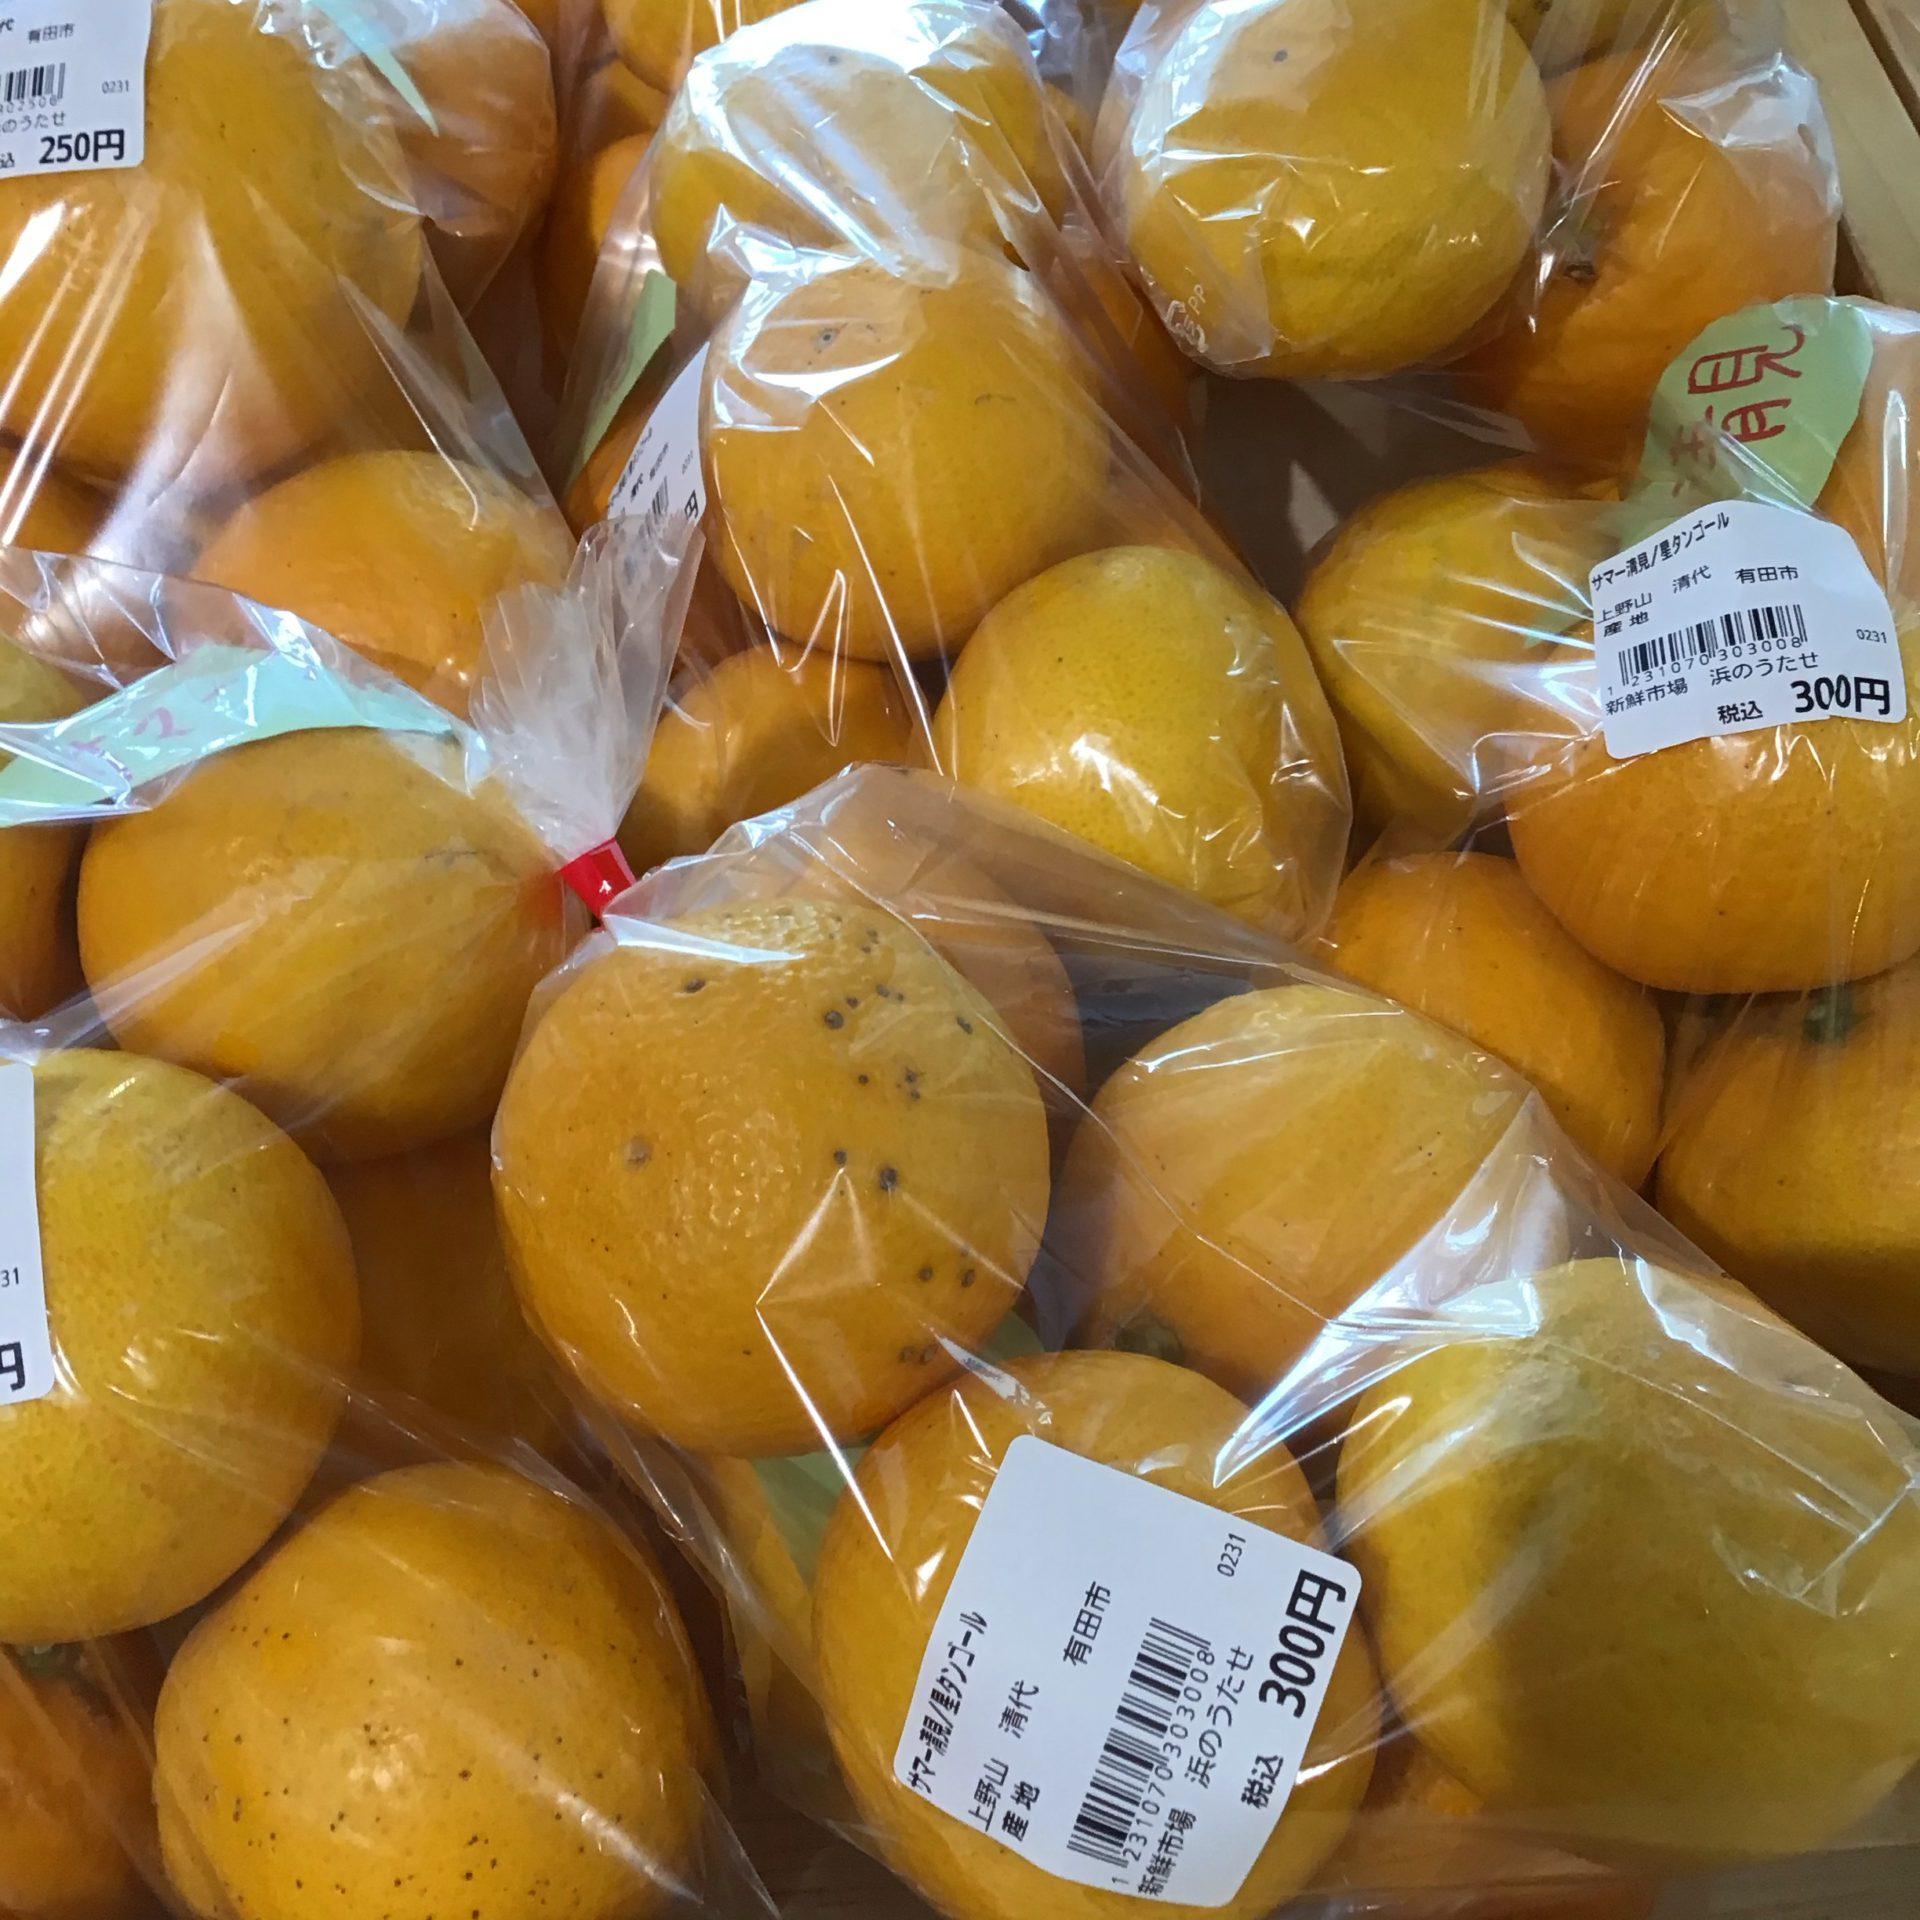 旬の柑橘あります!